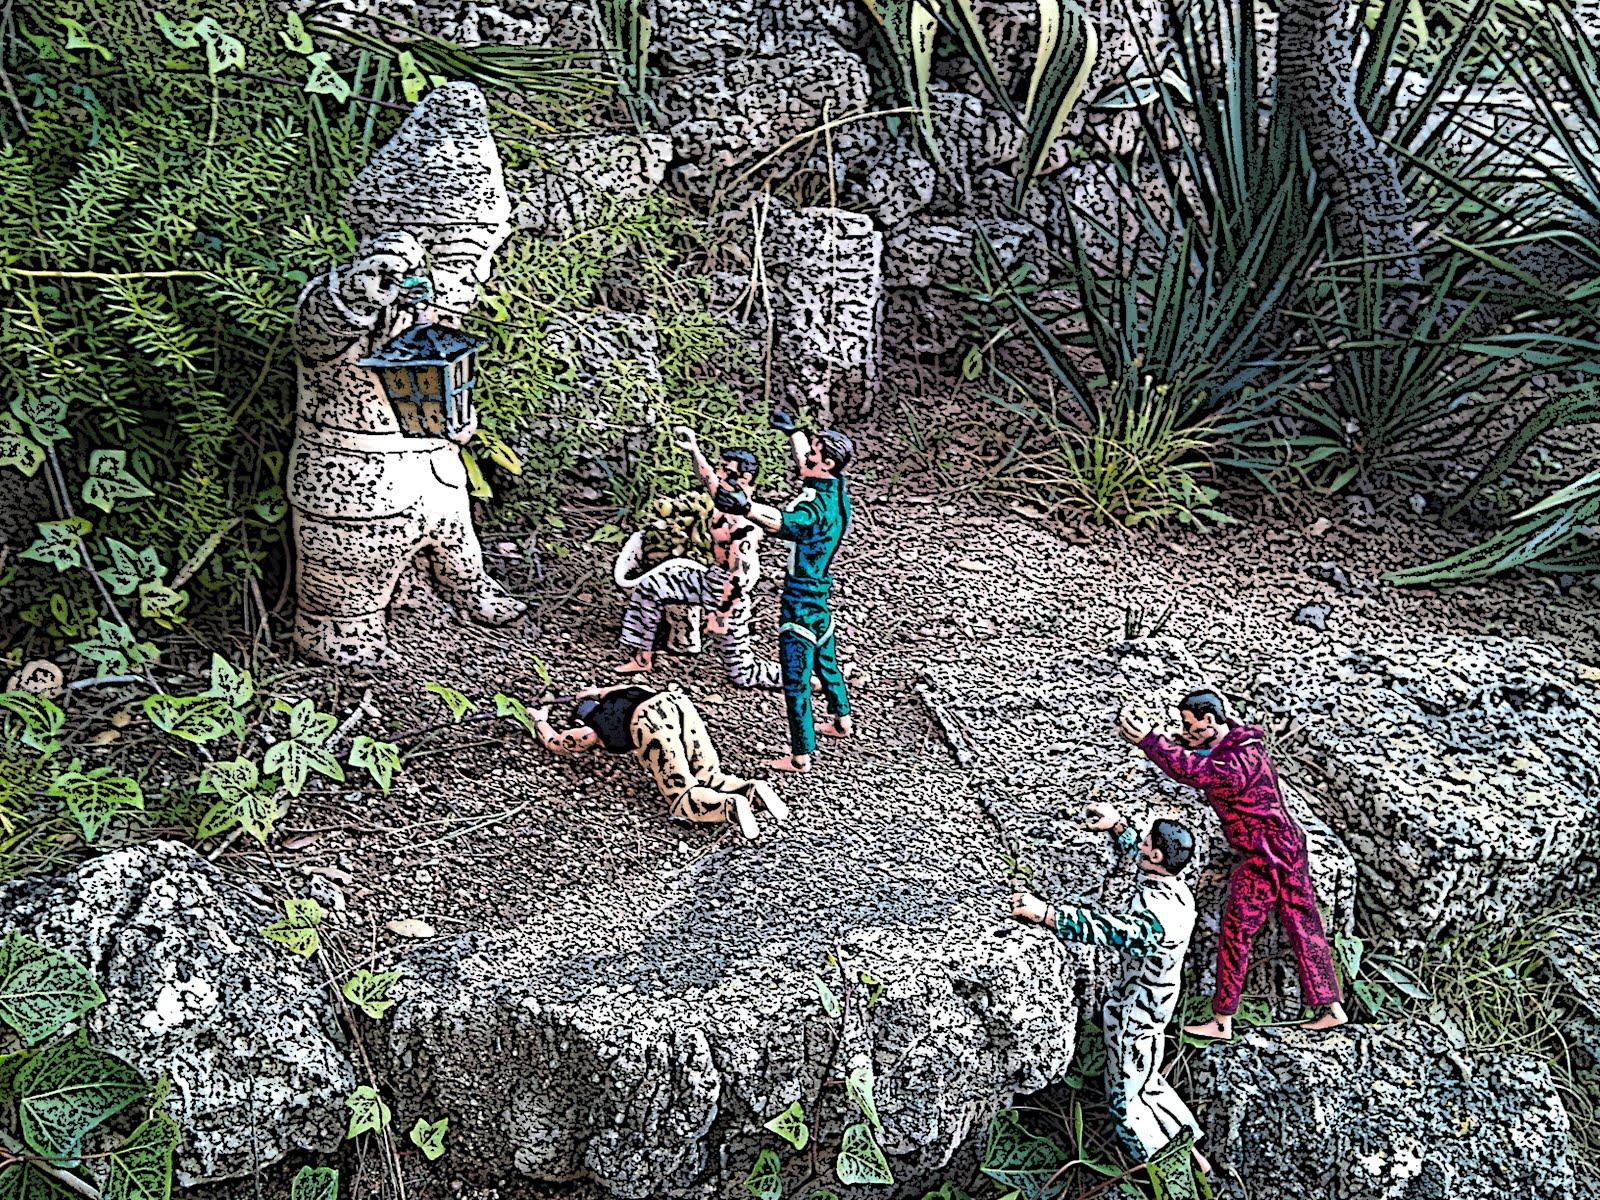 Action man el enano de jardin for Enano jardin